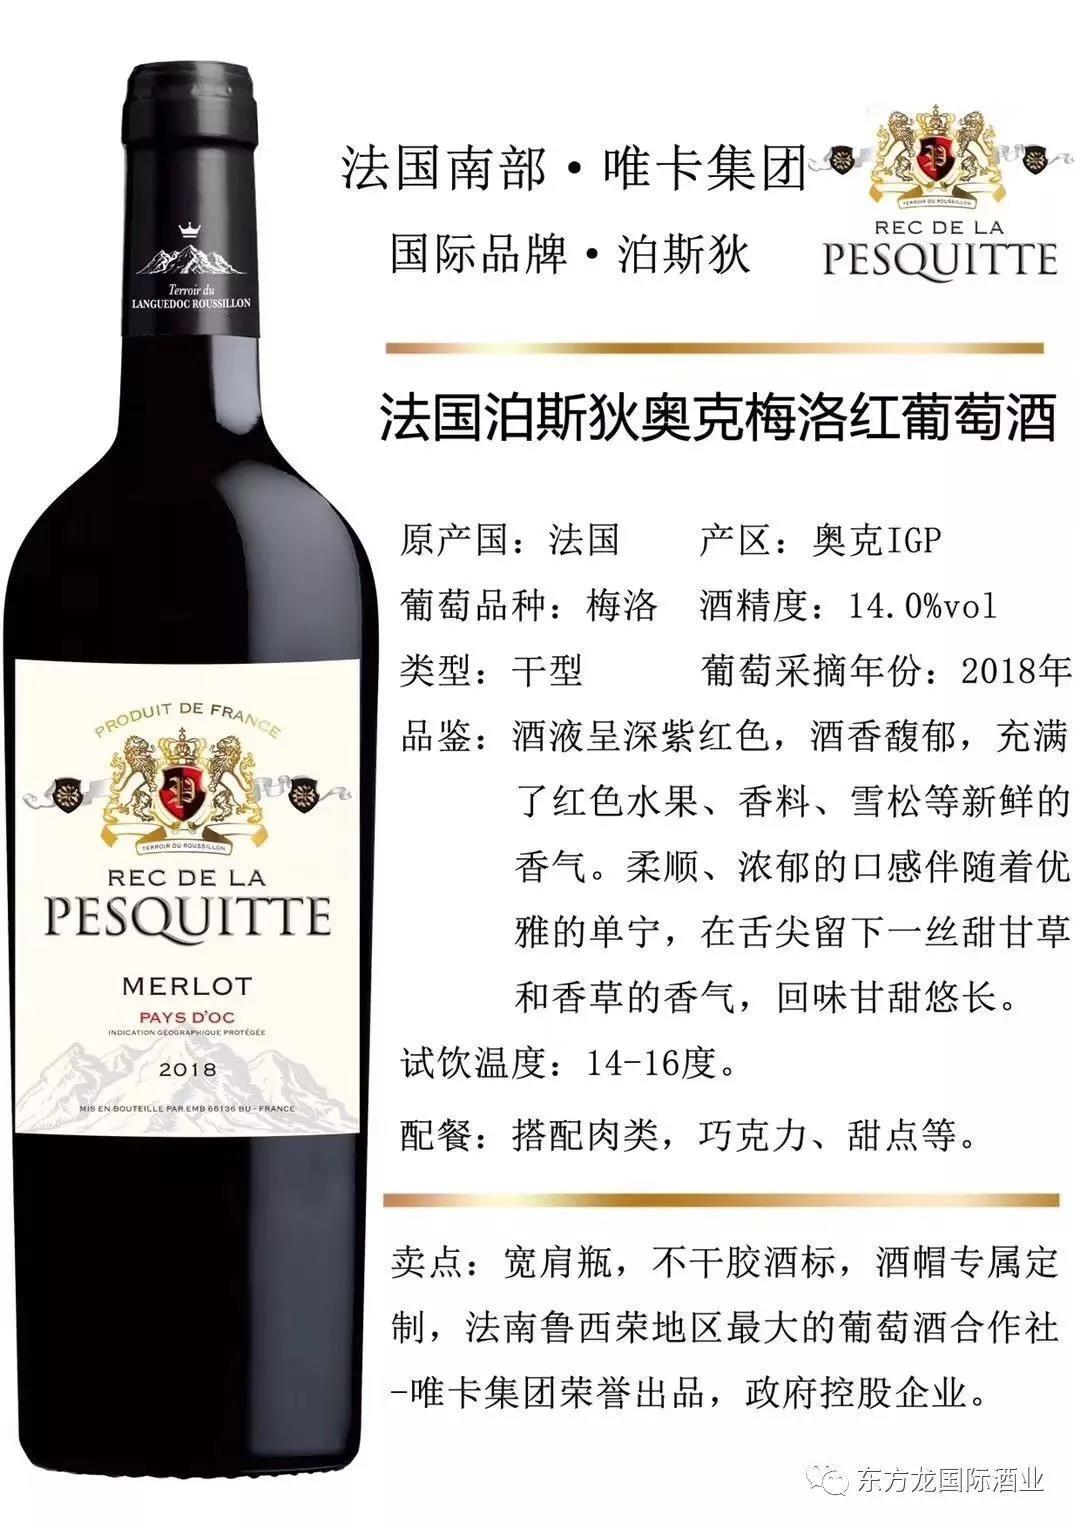 东方龙国际酒业再次参展Interwine | 进口葡萄酒品牌专业运营商